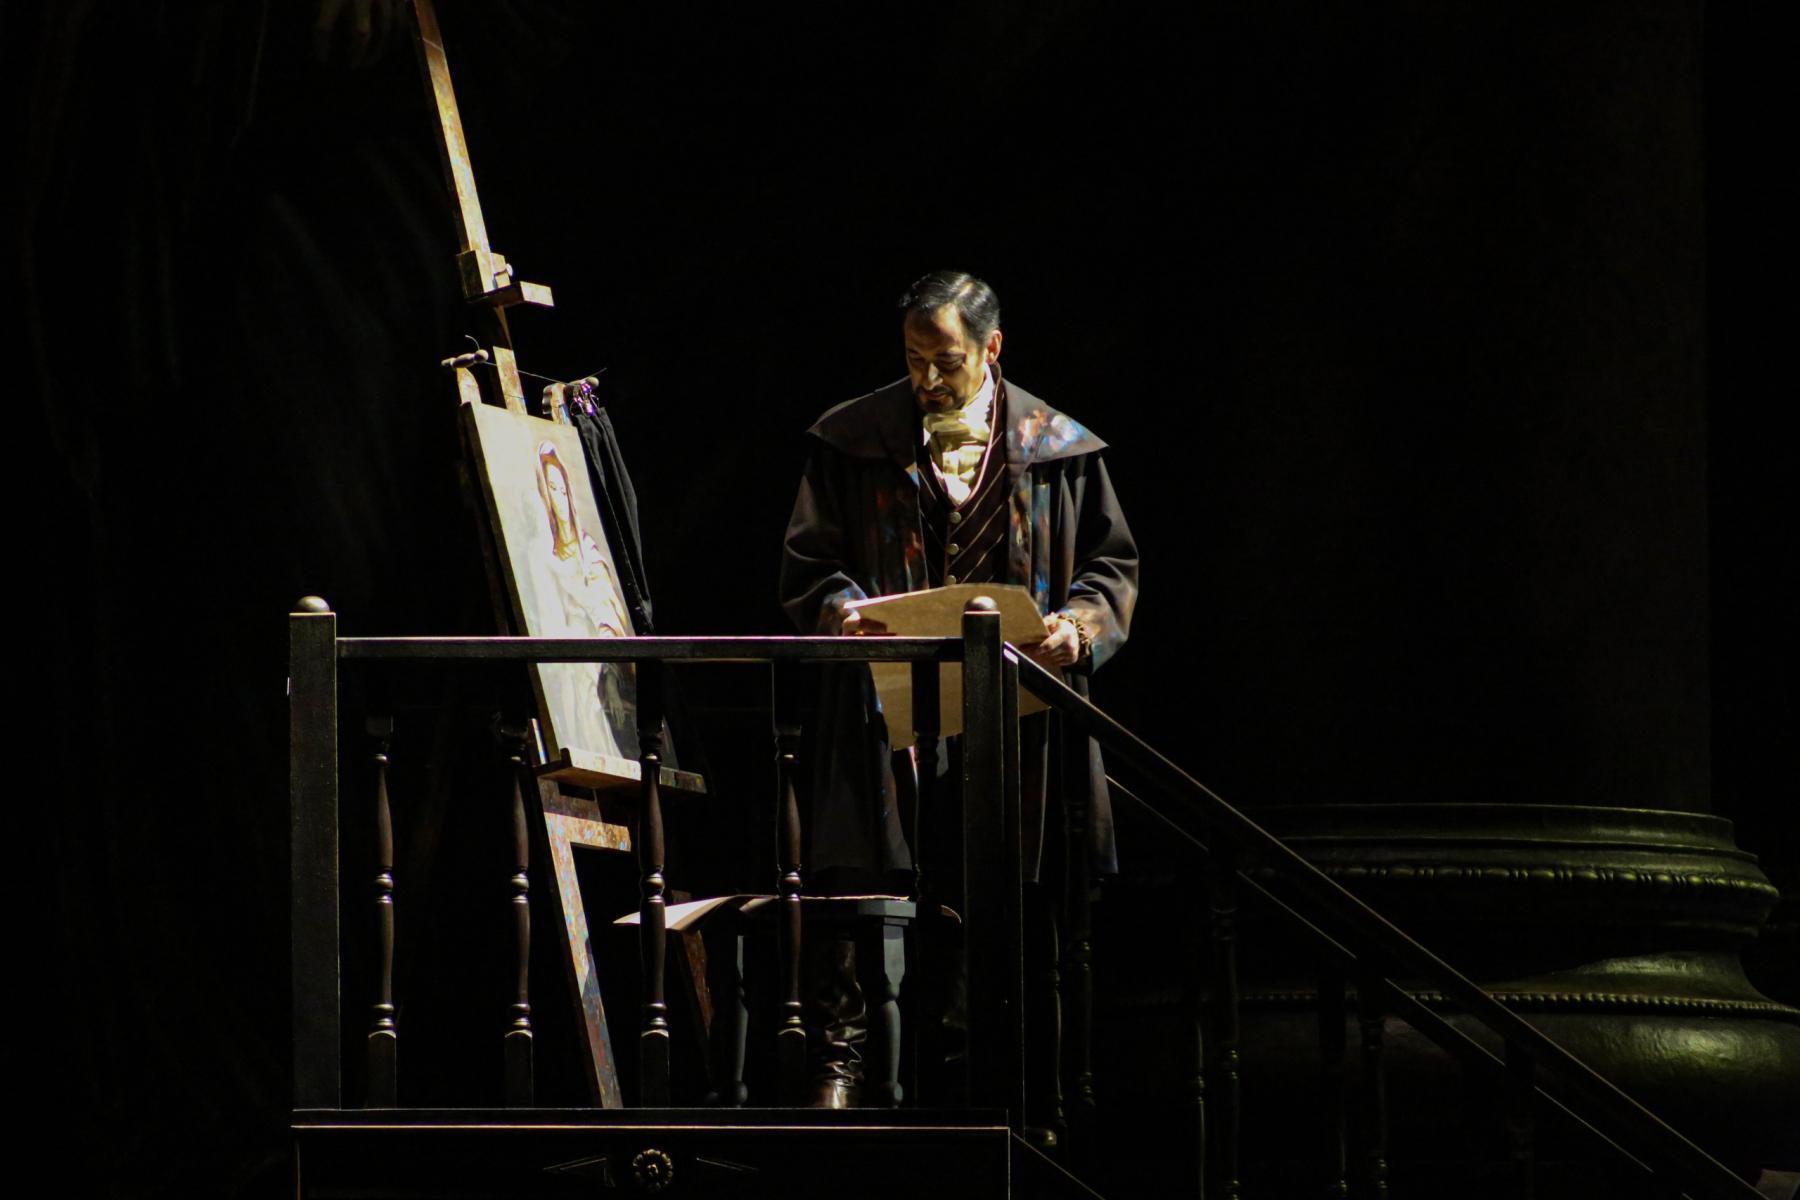 фото В НОВАТе состоялась генеральная репетиция главной премьеры сезона – оперы «Тоска» 5